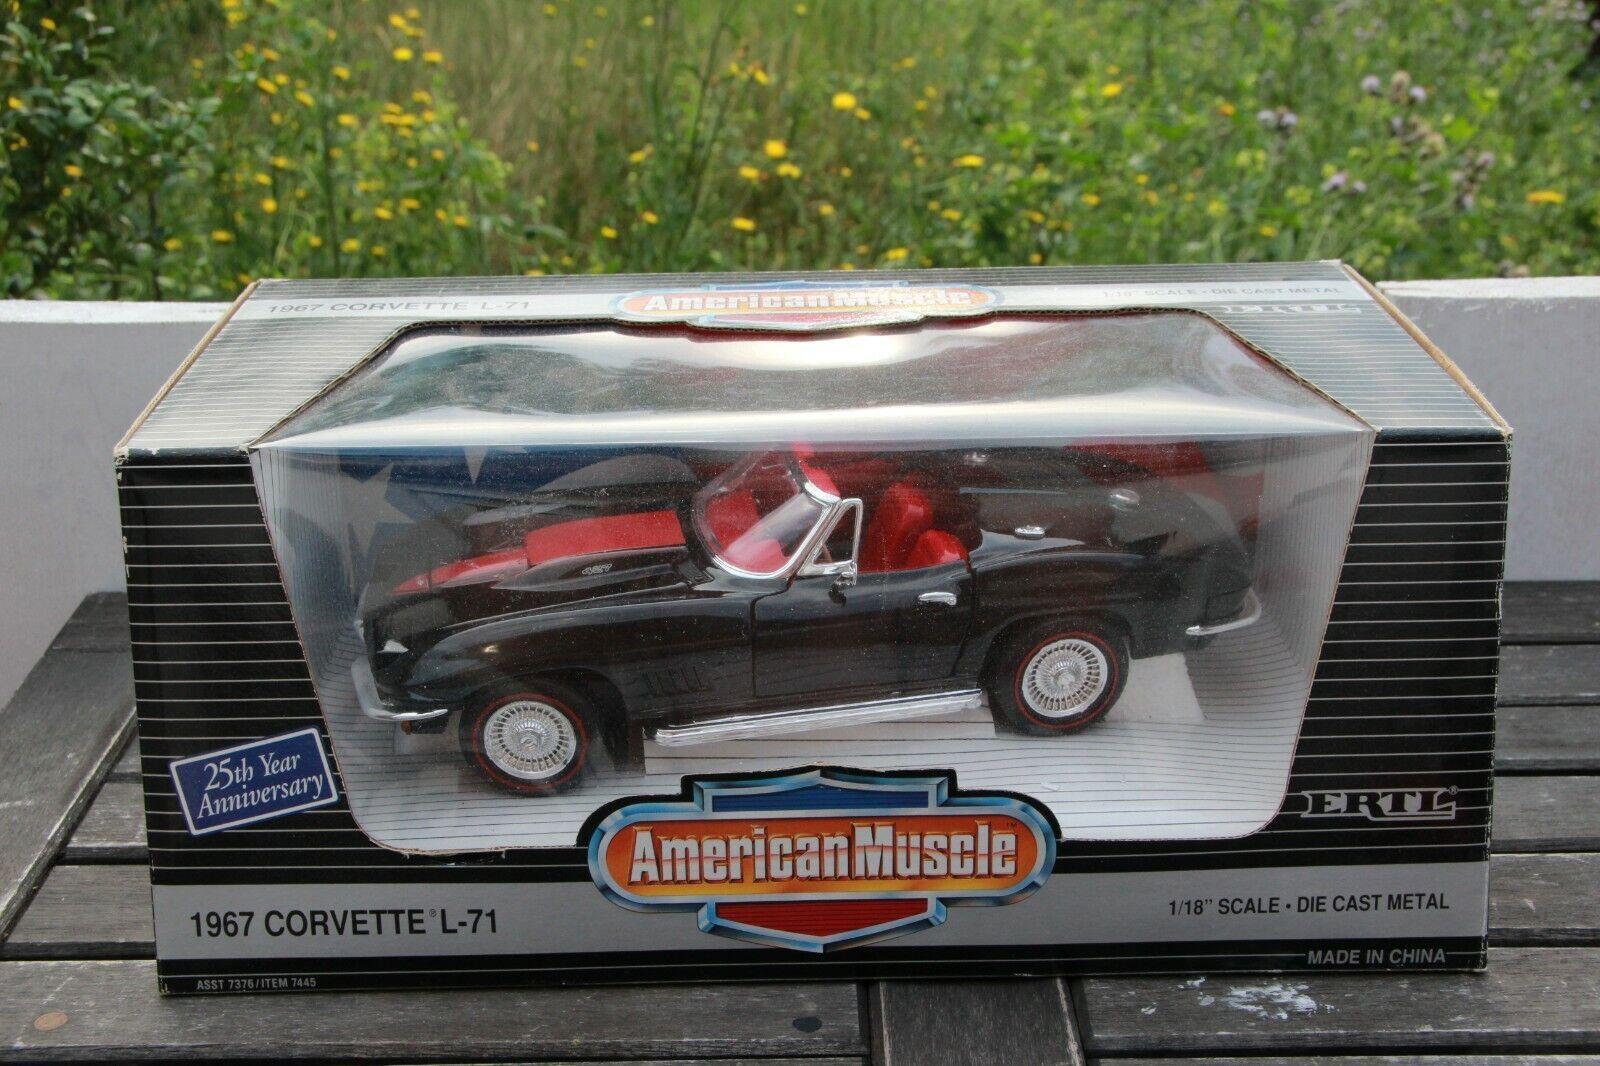 Ertl Chevrolet Corvette L-71 Cabriolet 1 18 7445 American Muscle